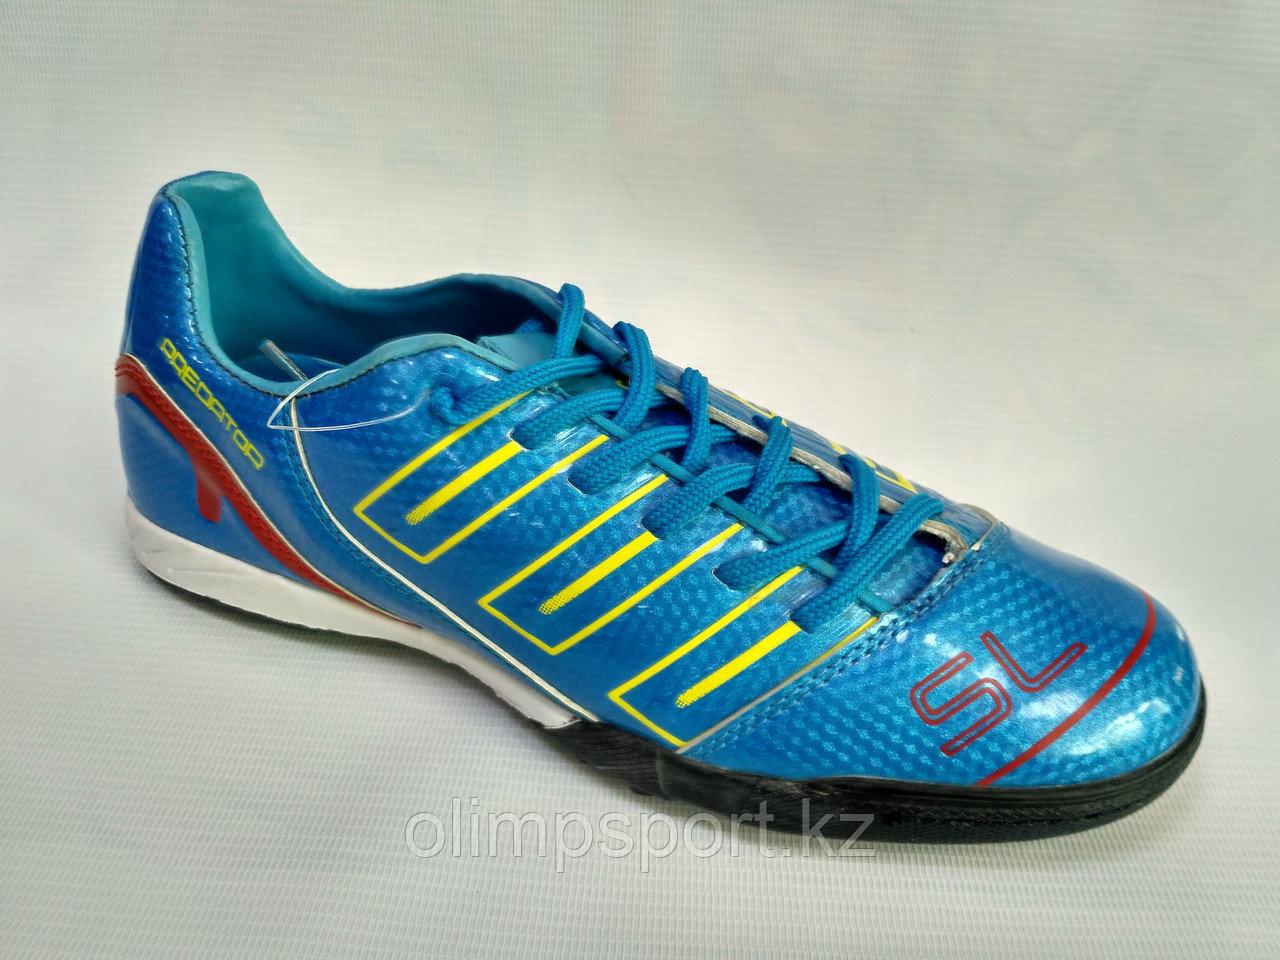 Обувь для футбола, сороконожки Adidas Predator SL, голубые